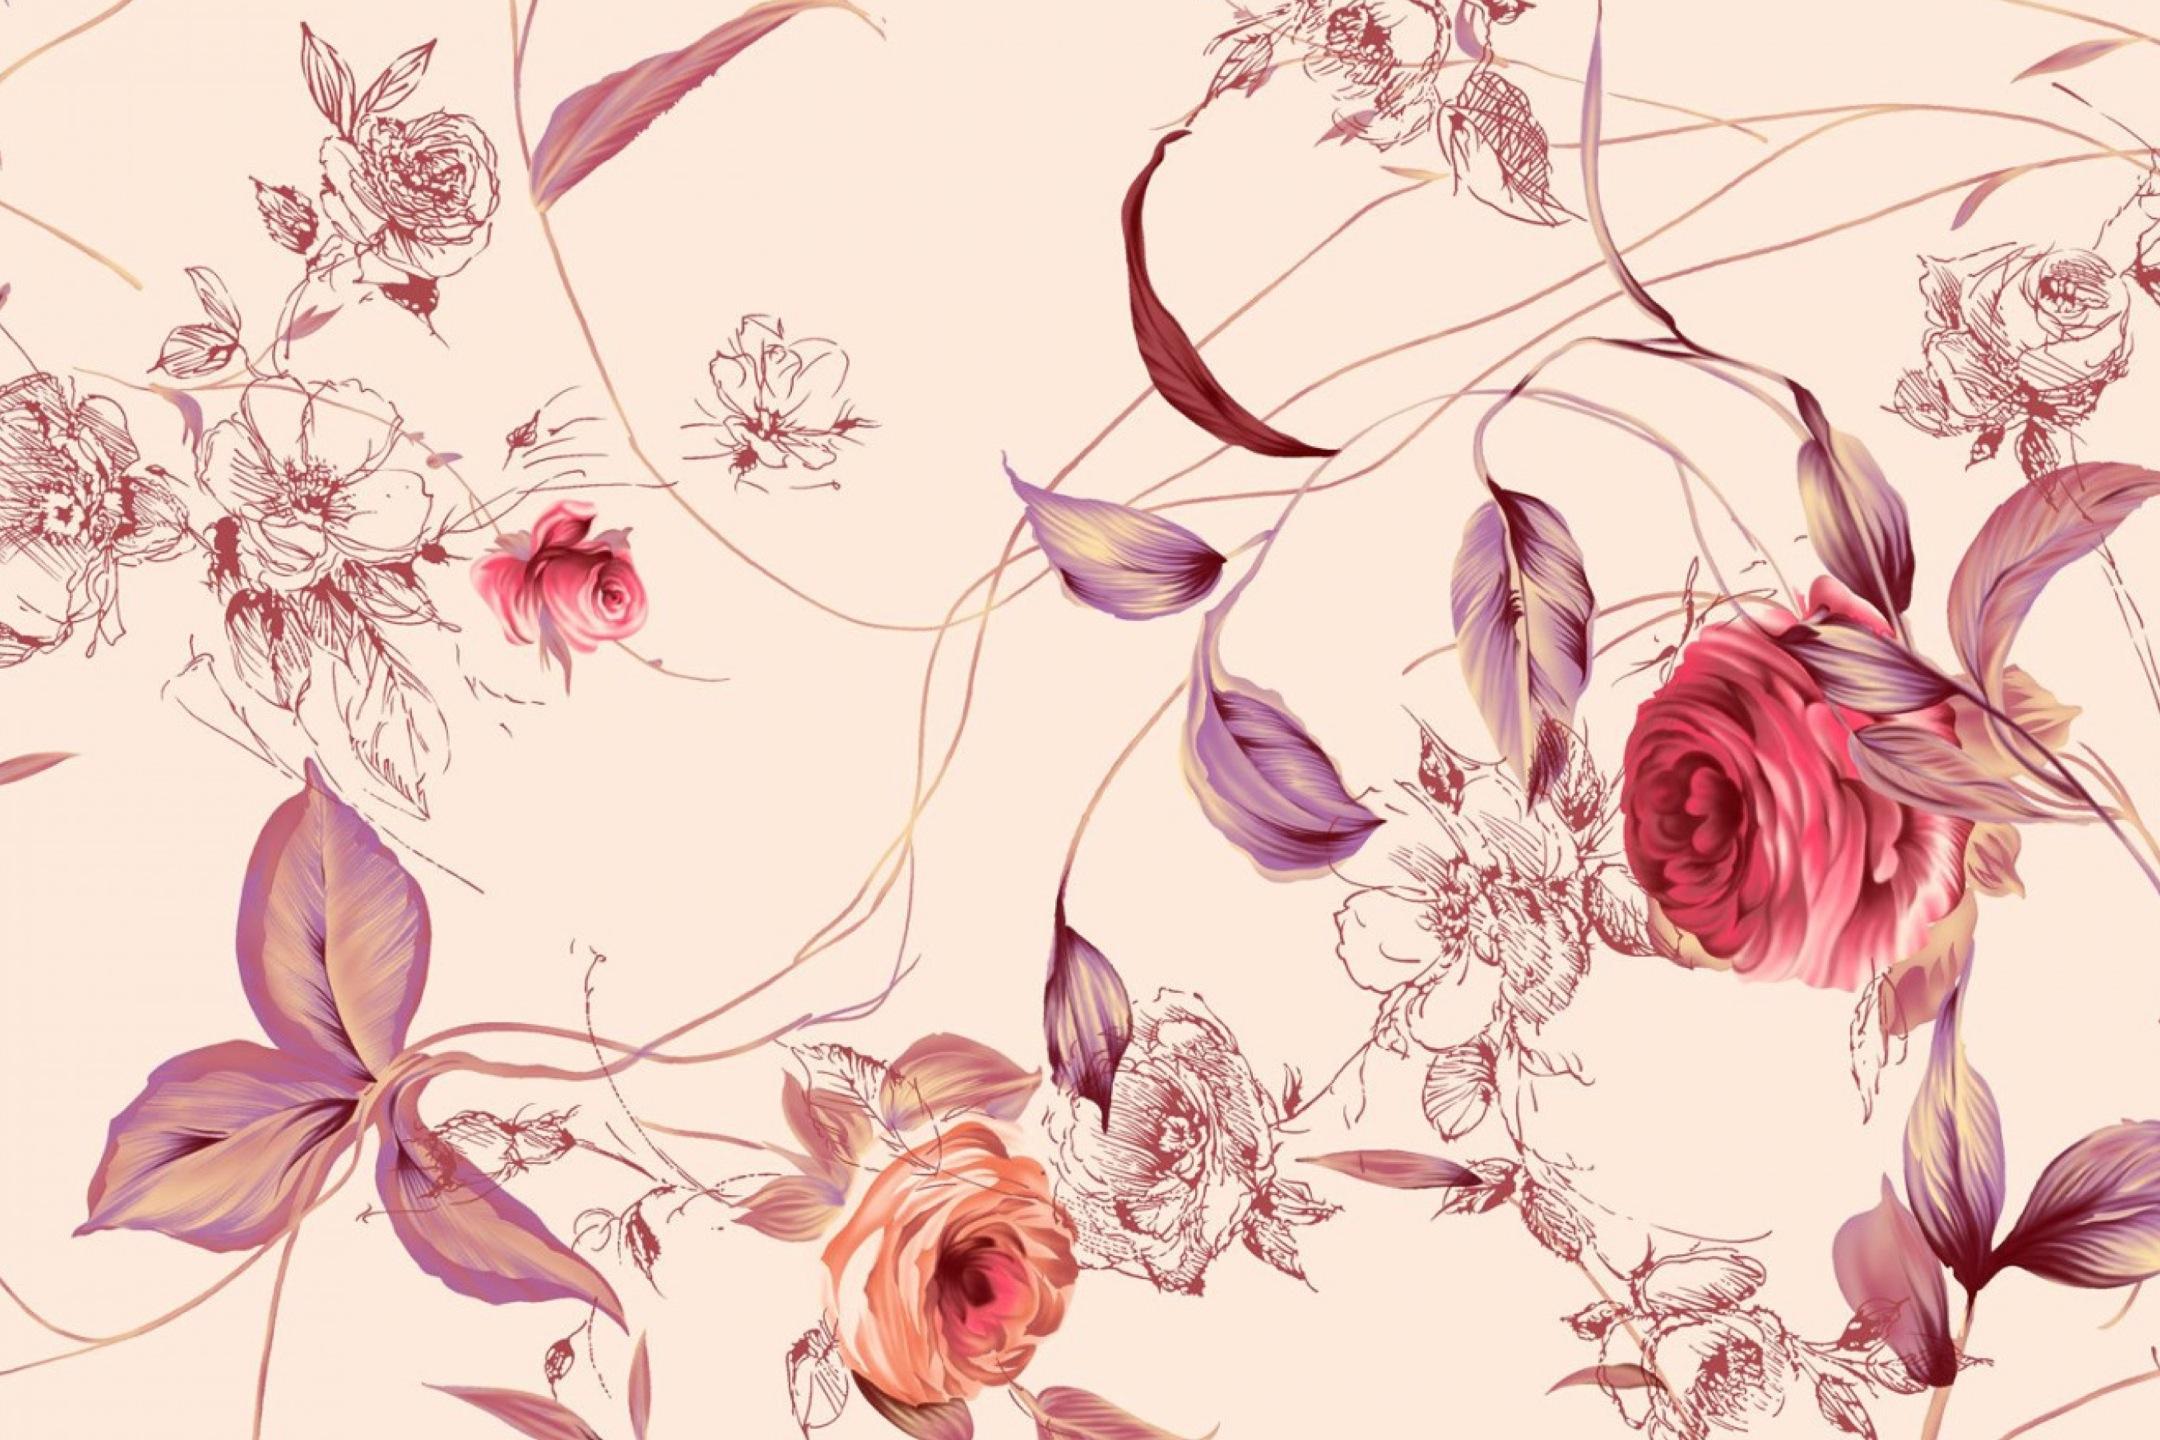 pc Wallpaper